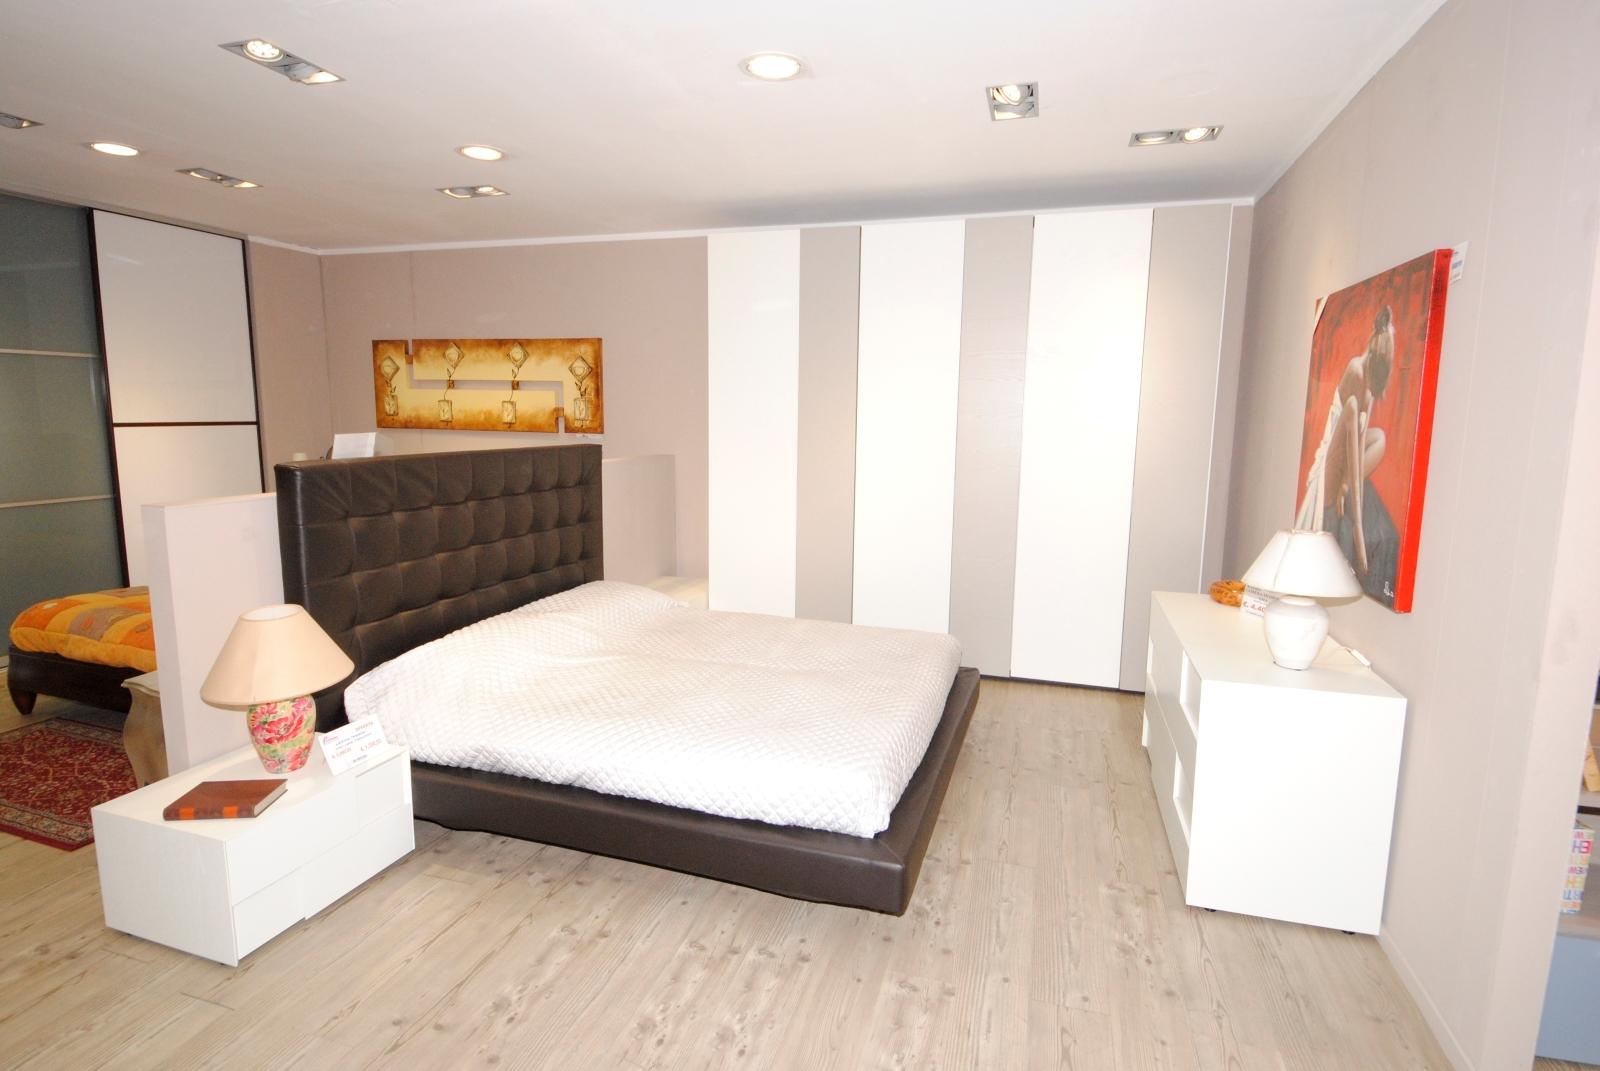 Camera sma armadio vertical style e gruppo letto prestige - Camere da letto sma ...